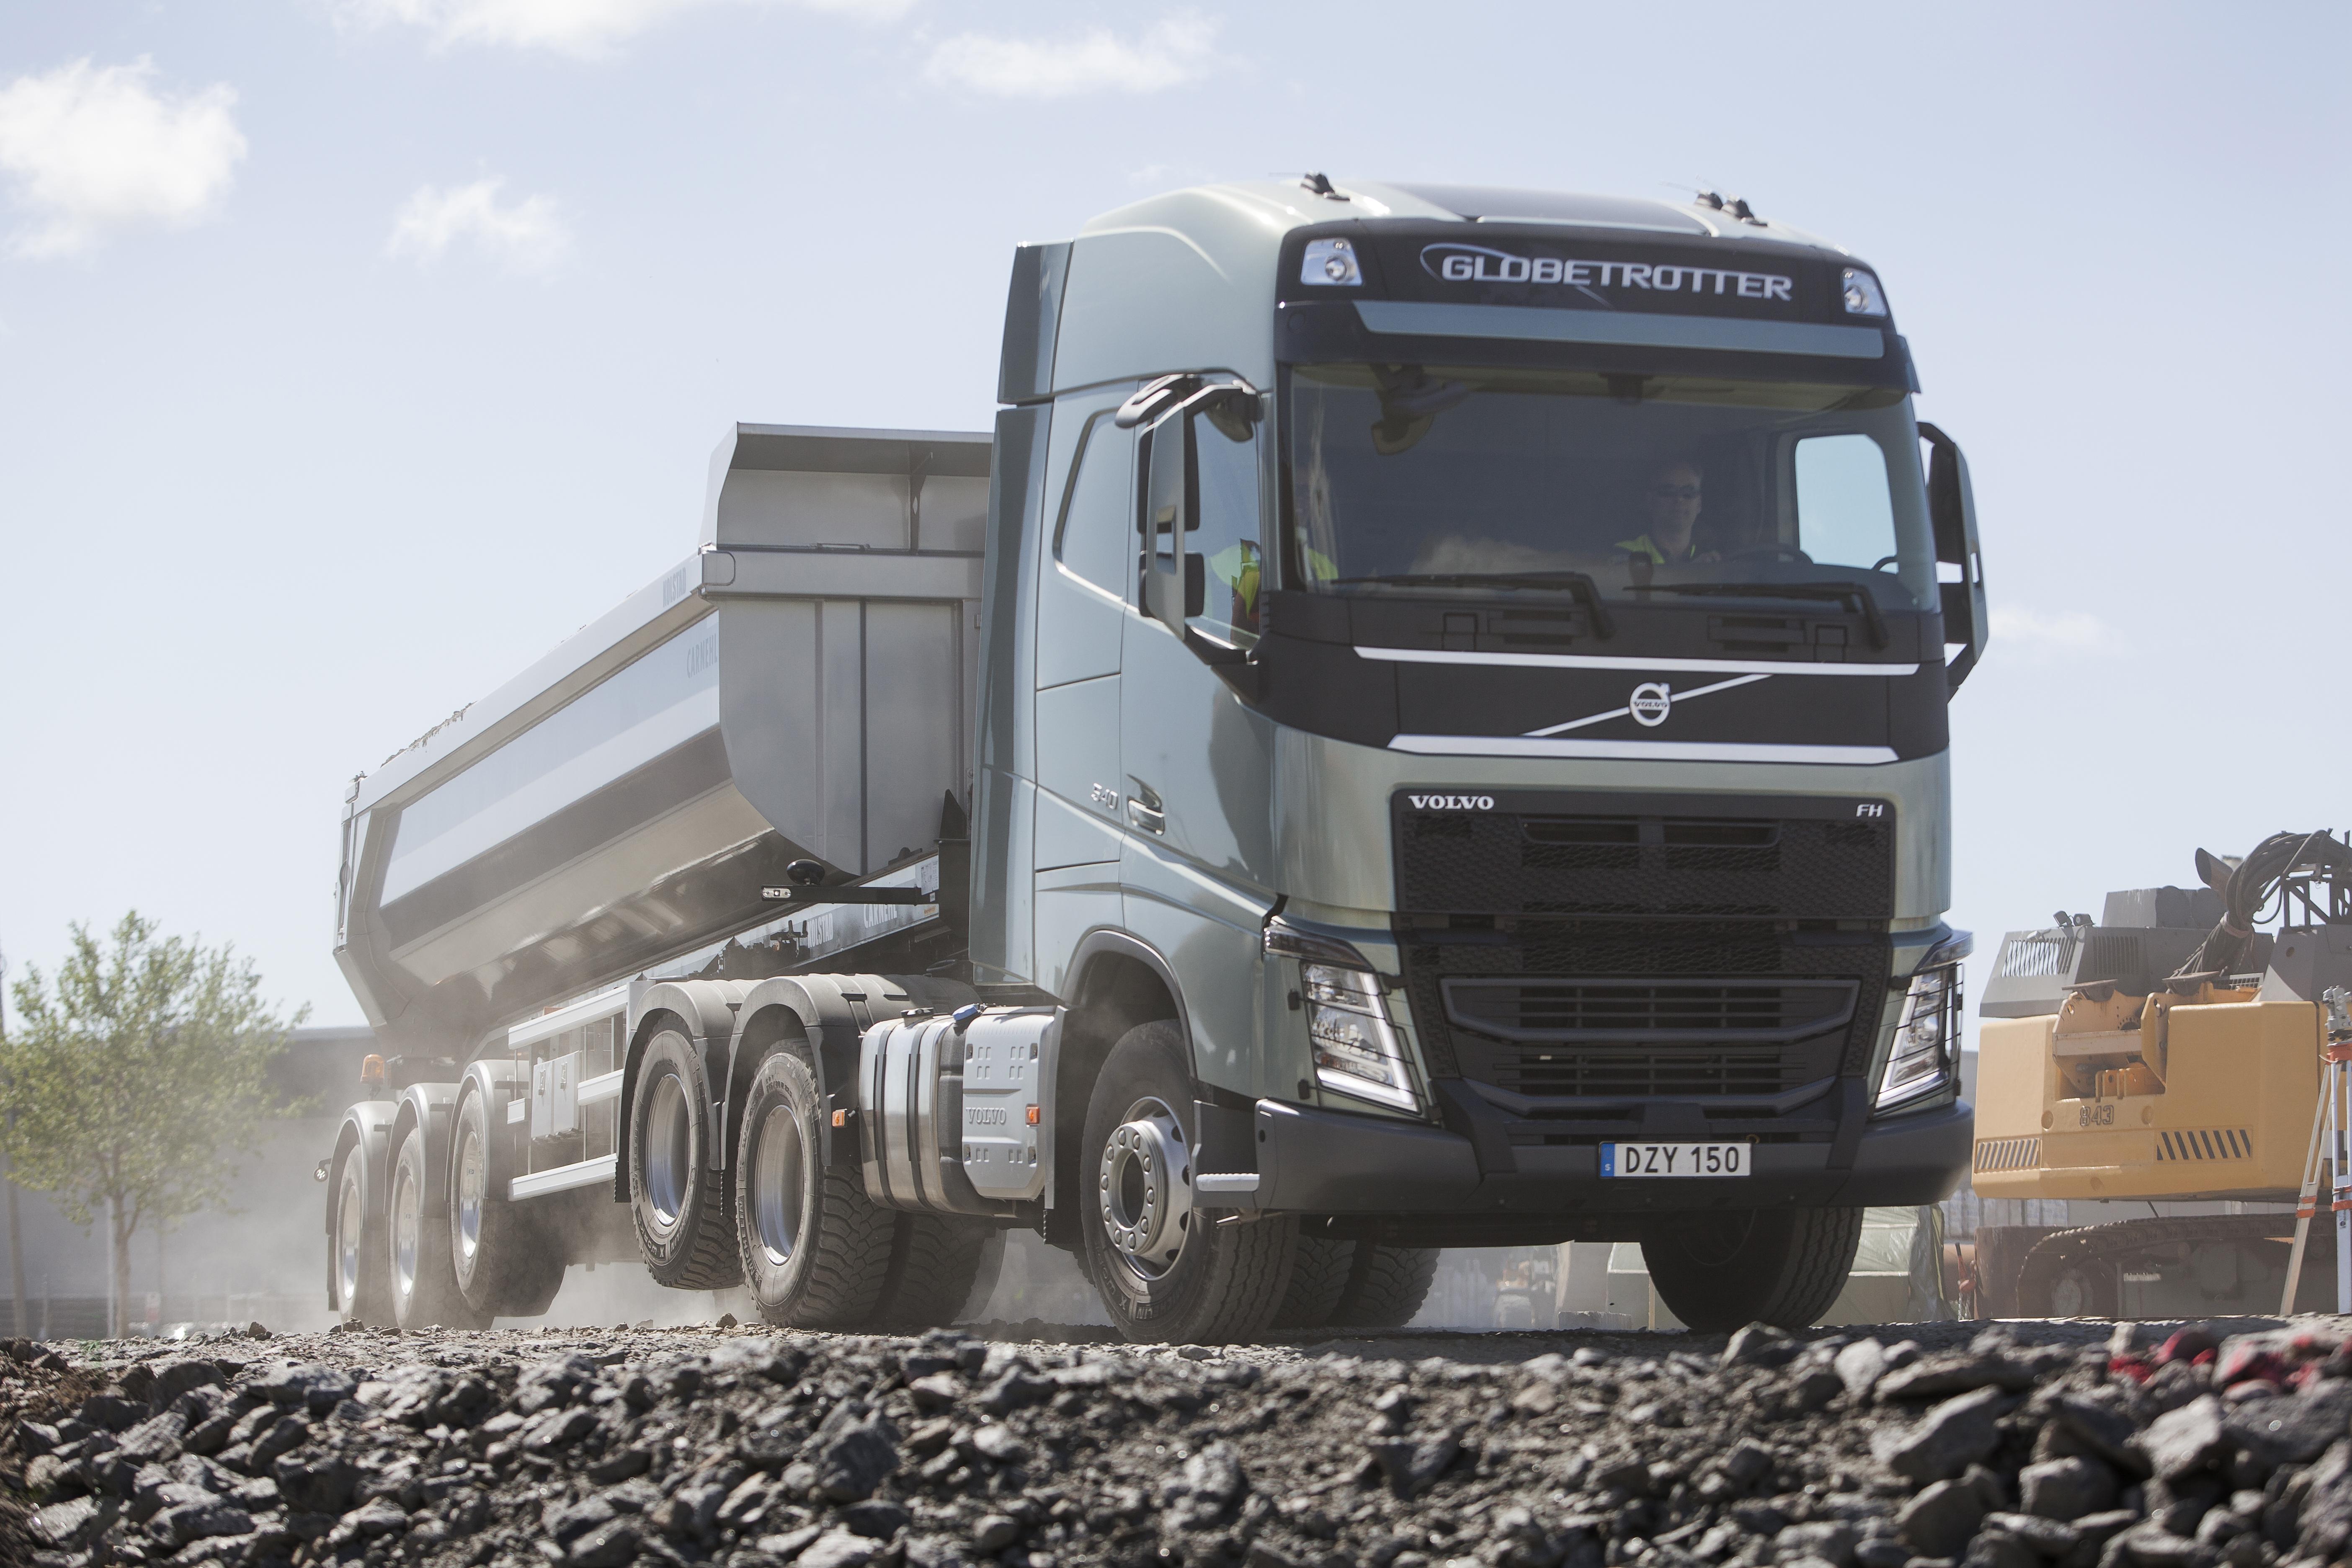 De liftbare tandemas rijdt ook comfortabeler wanneer de truck leeg is. Het geluidsniveau in de cabine is lager en de trillingen van het stuur zijn minder wanneer de banden van slechts één aangedreven as contact met het wegdek maken.